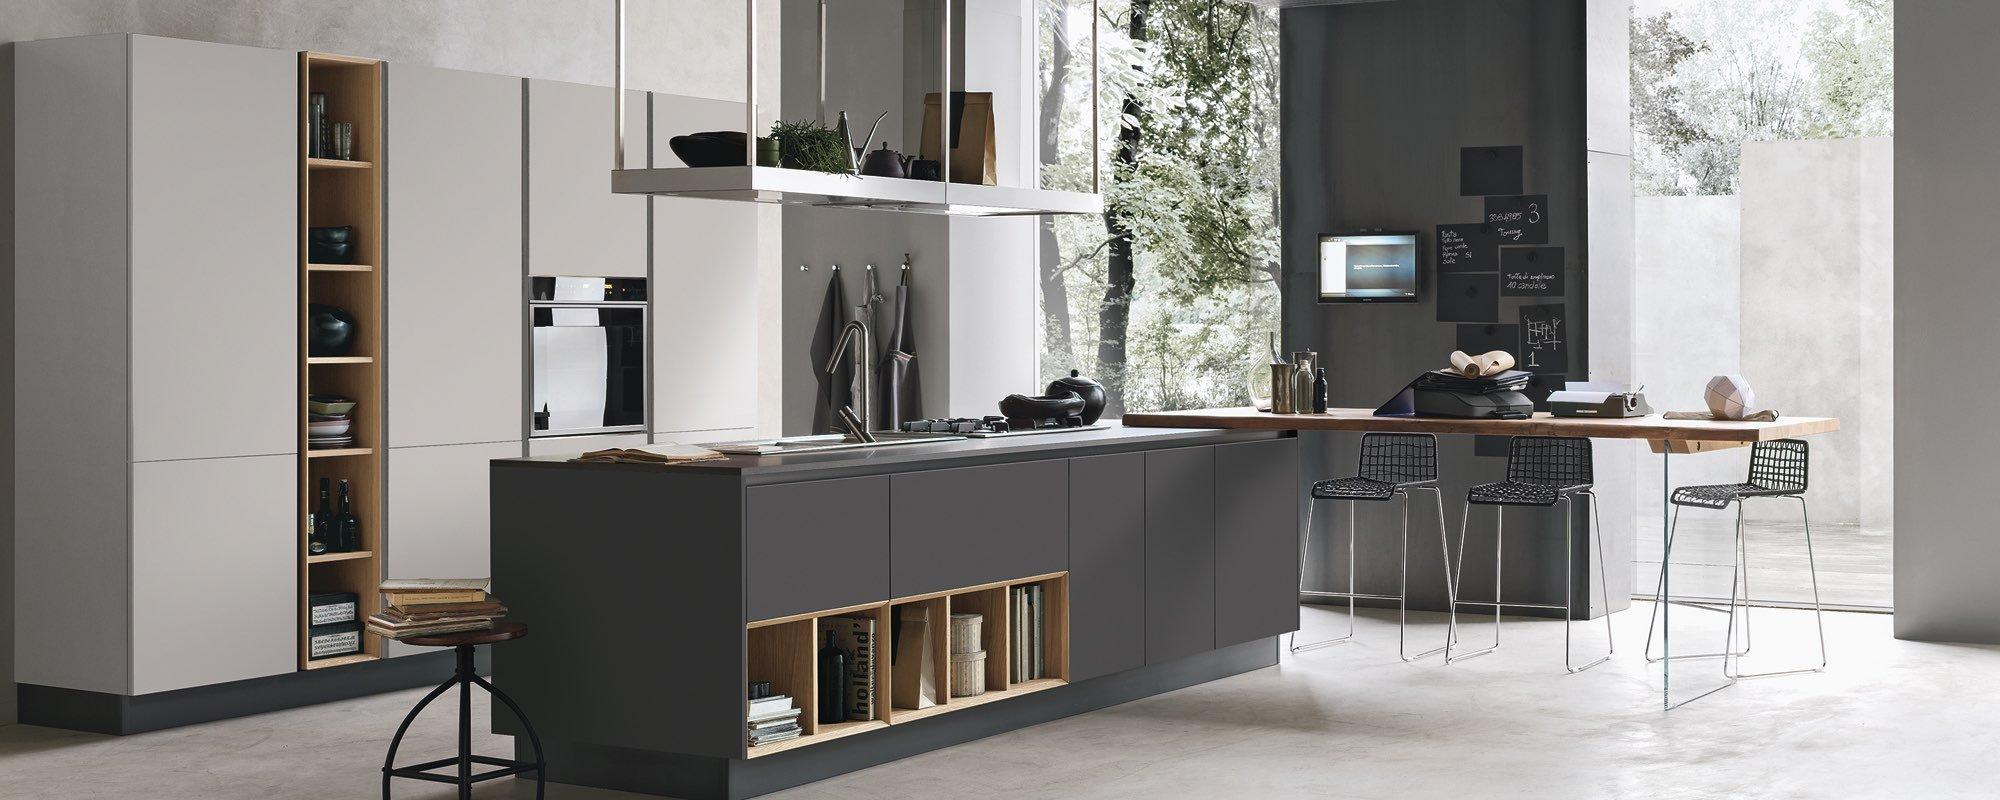 cucina moderna con modello moderno - Maya